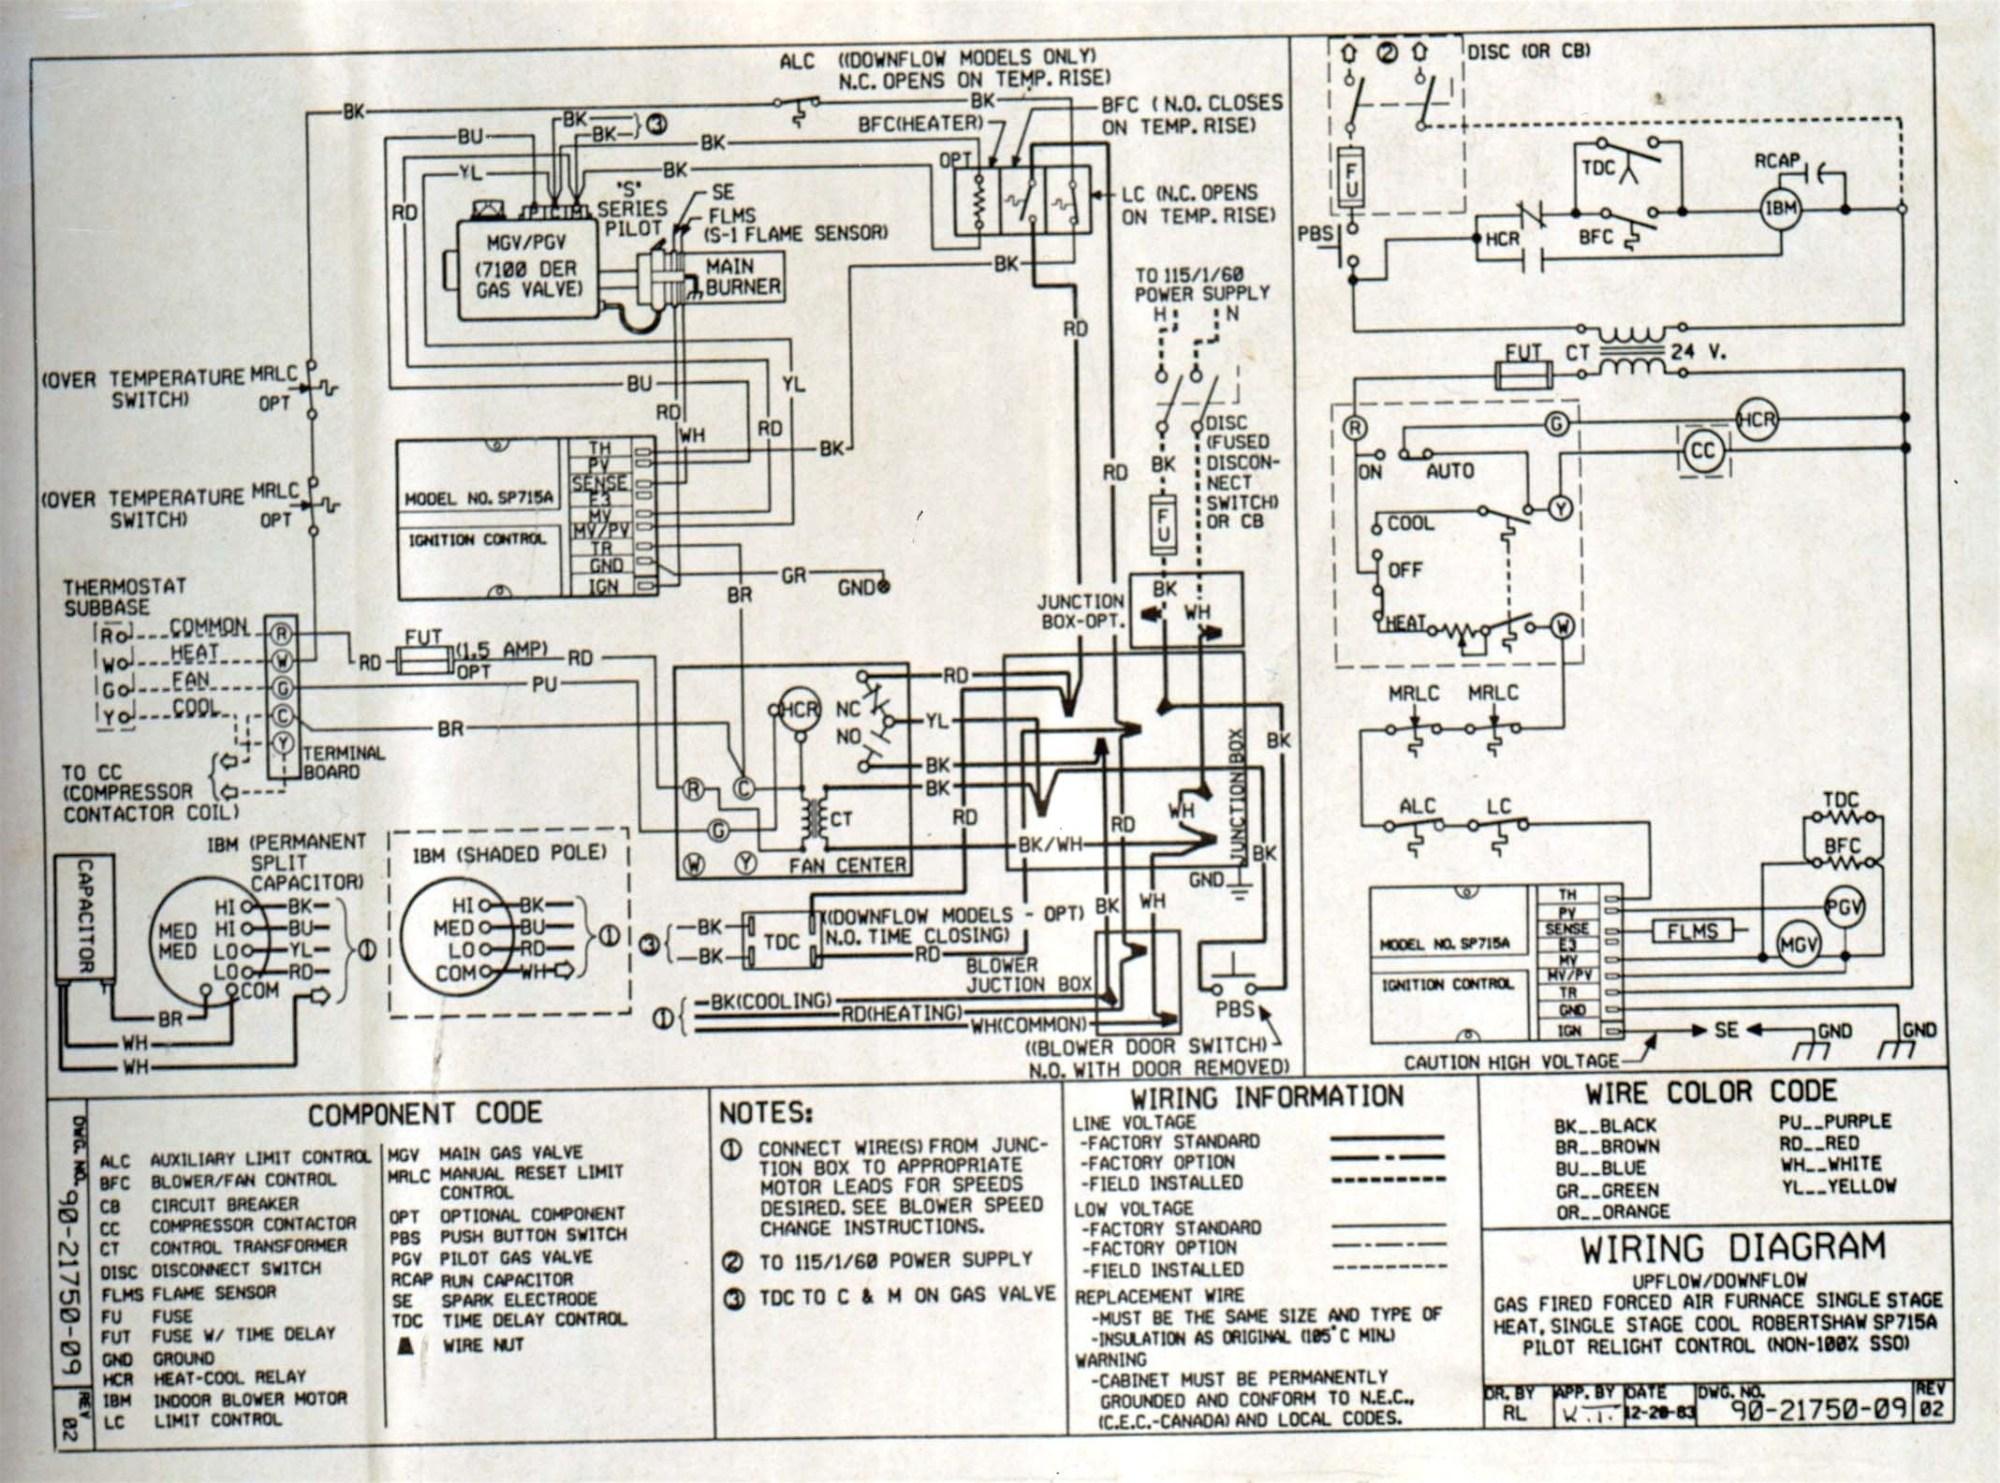 hight resolution of dayton furnace wiring diagram basic electronics wiring diagram dayton heater gas valve wiring diagram